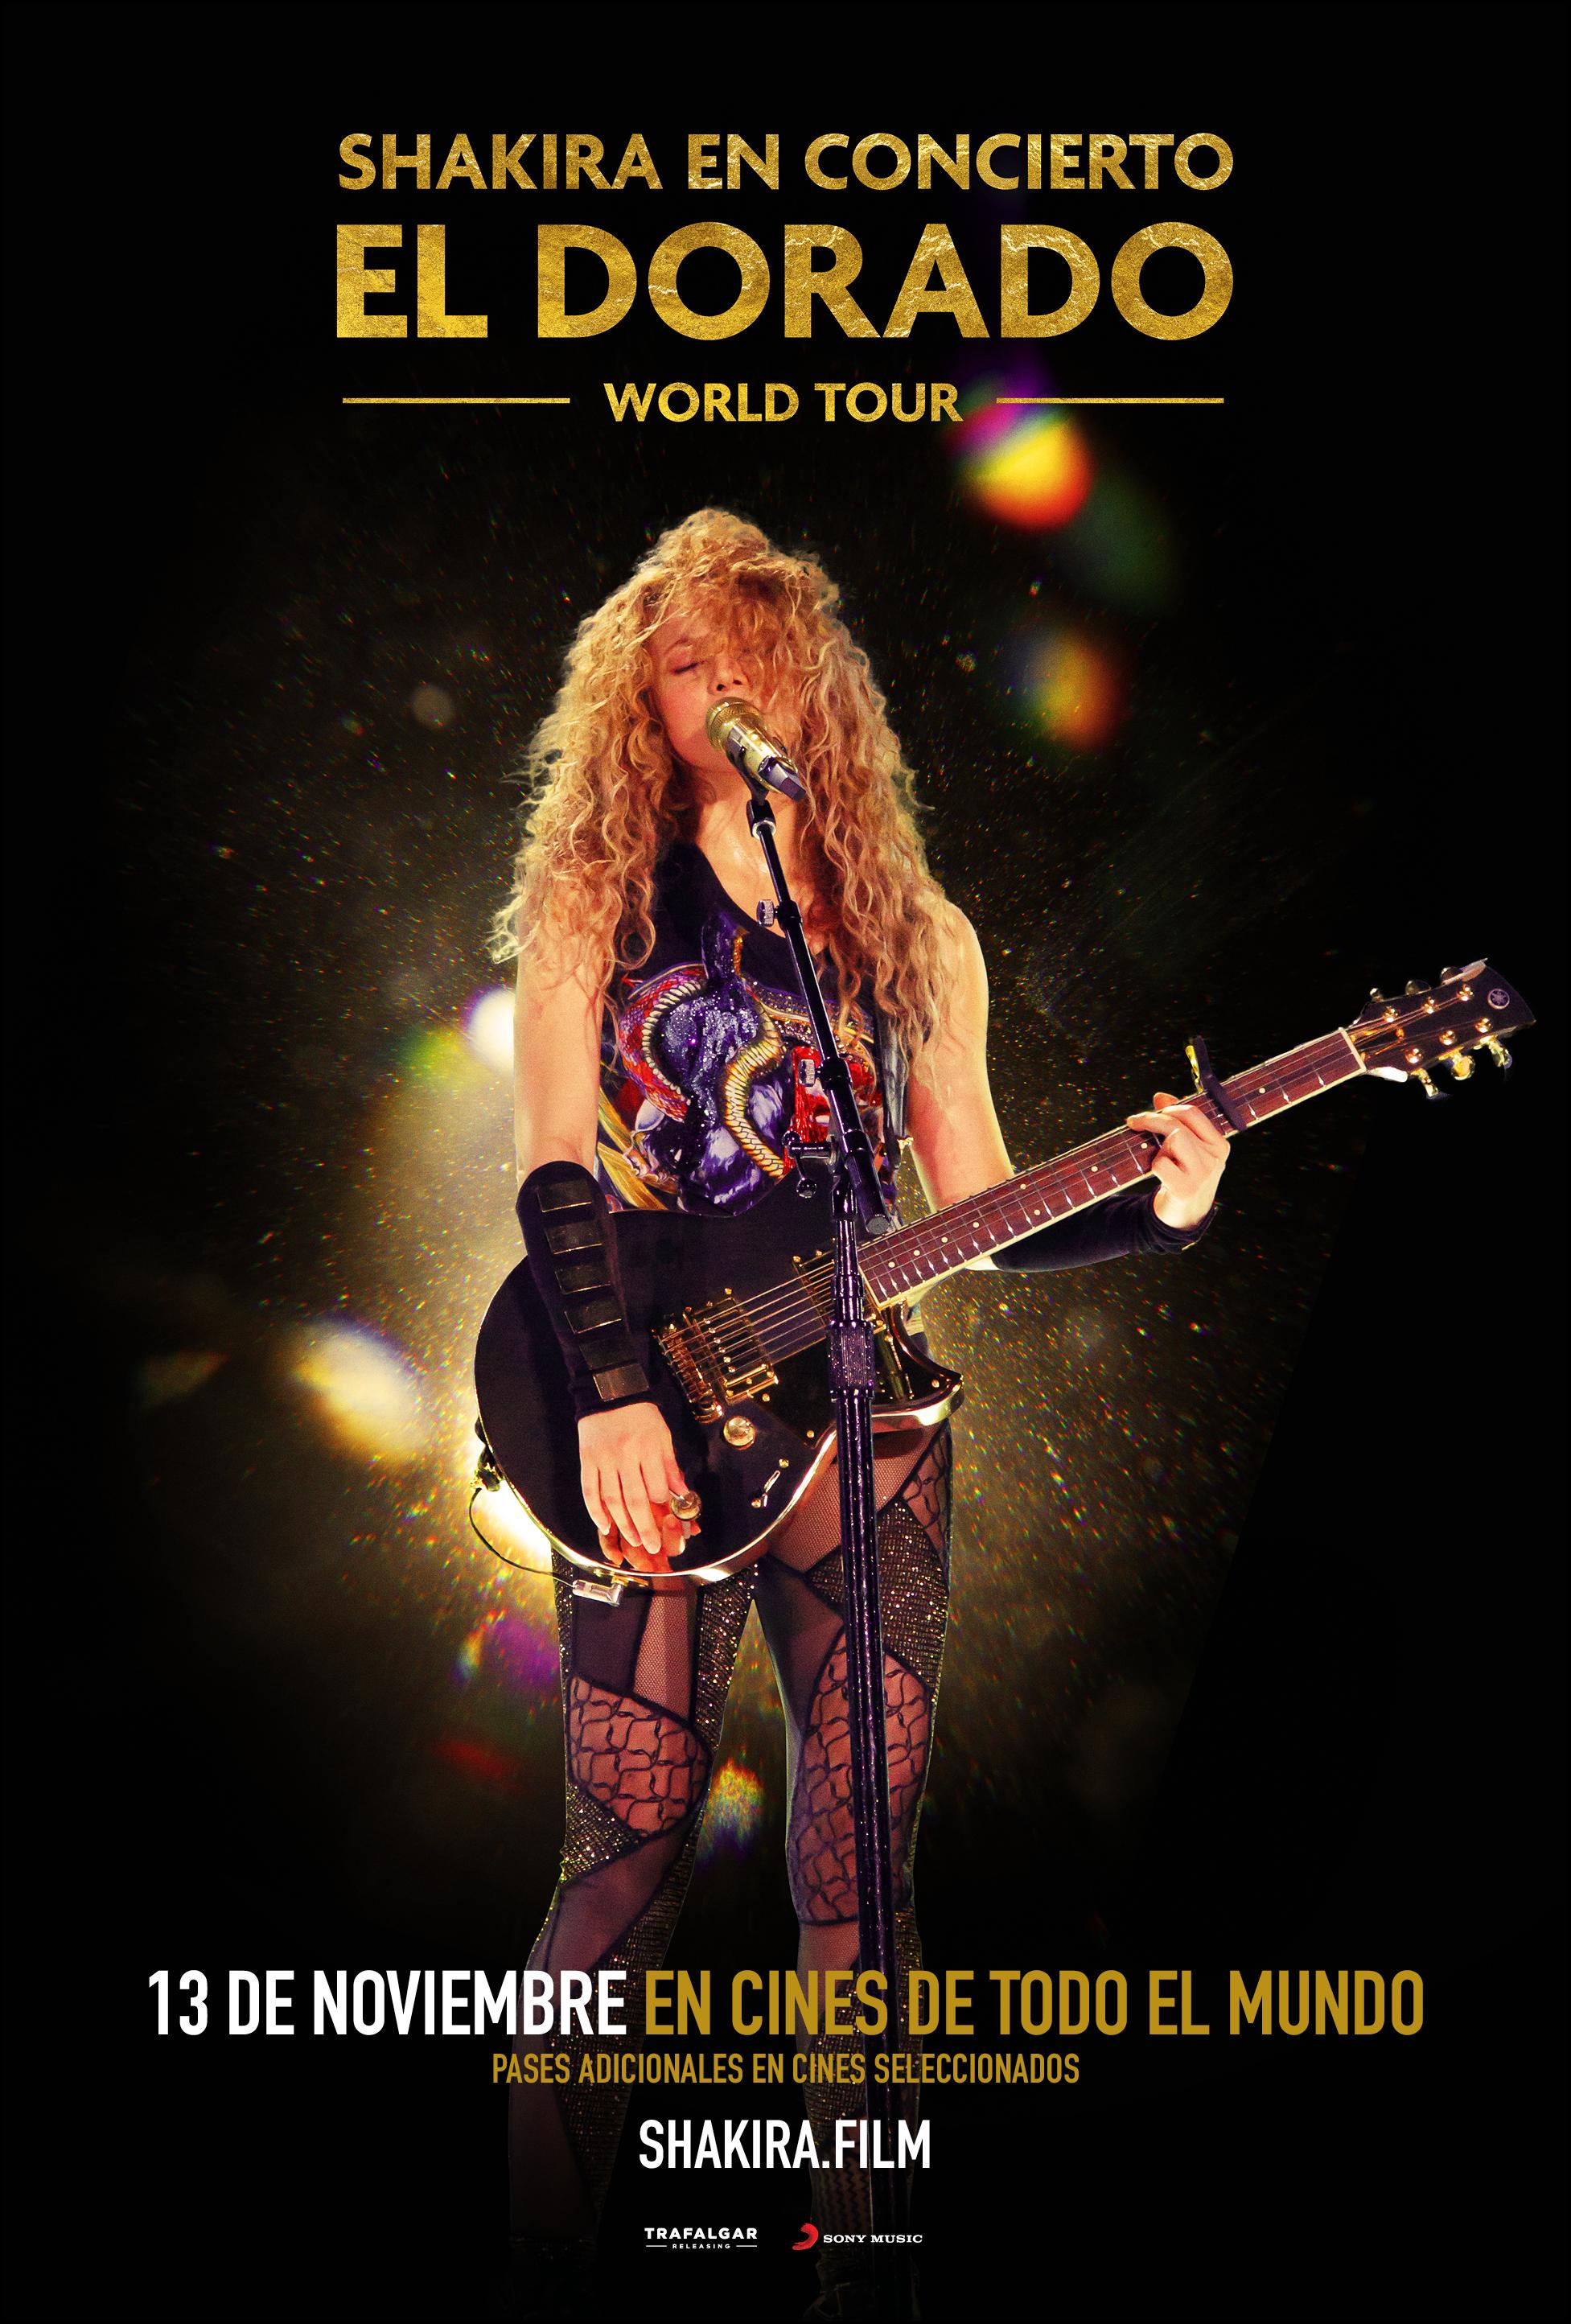 Image 1 of the Shakira En Concierto: El Dorado World Tour gallery